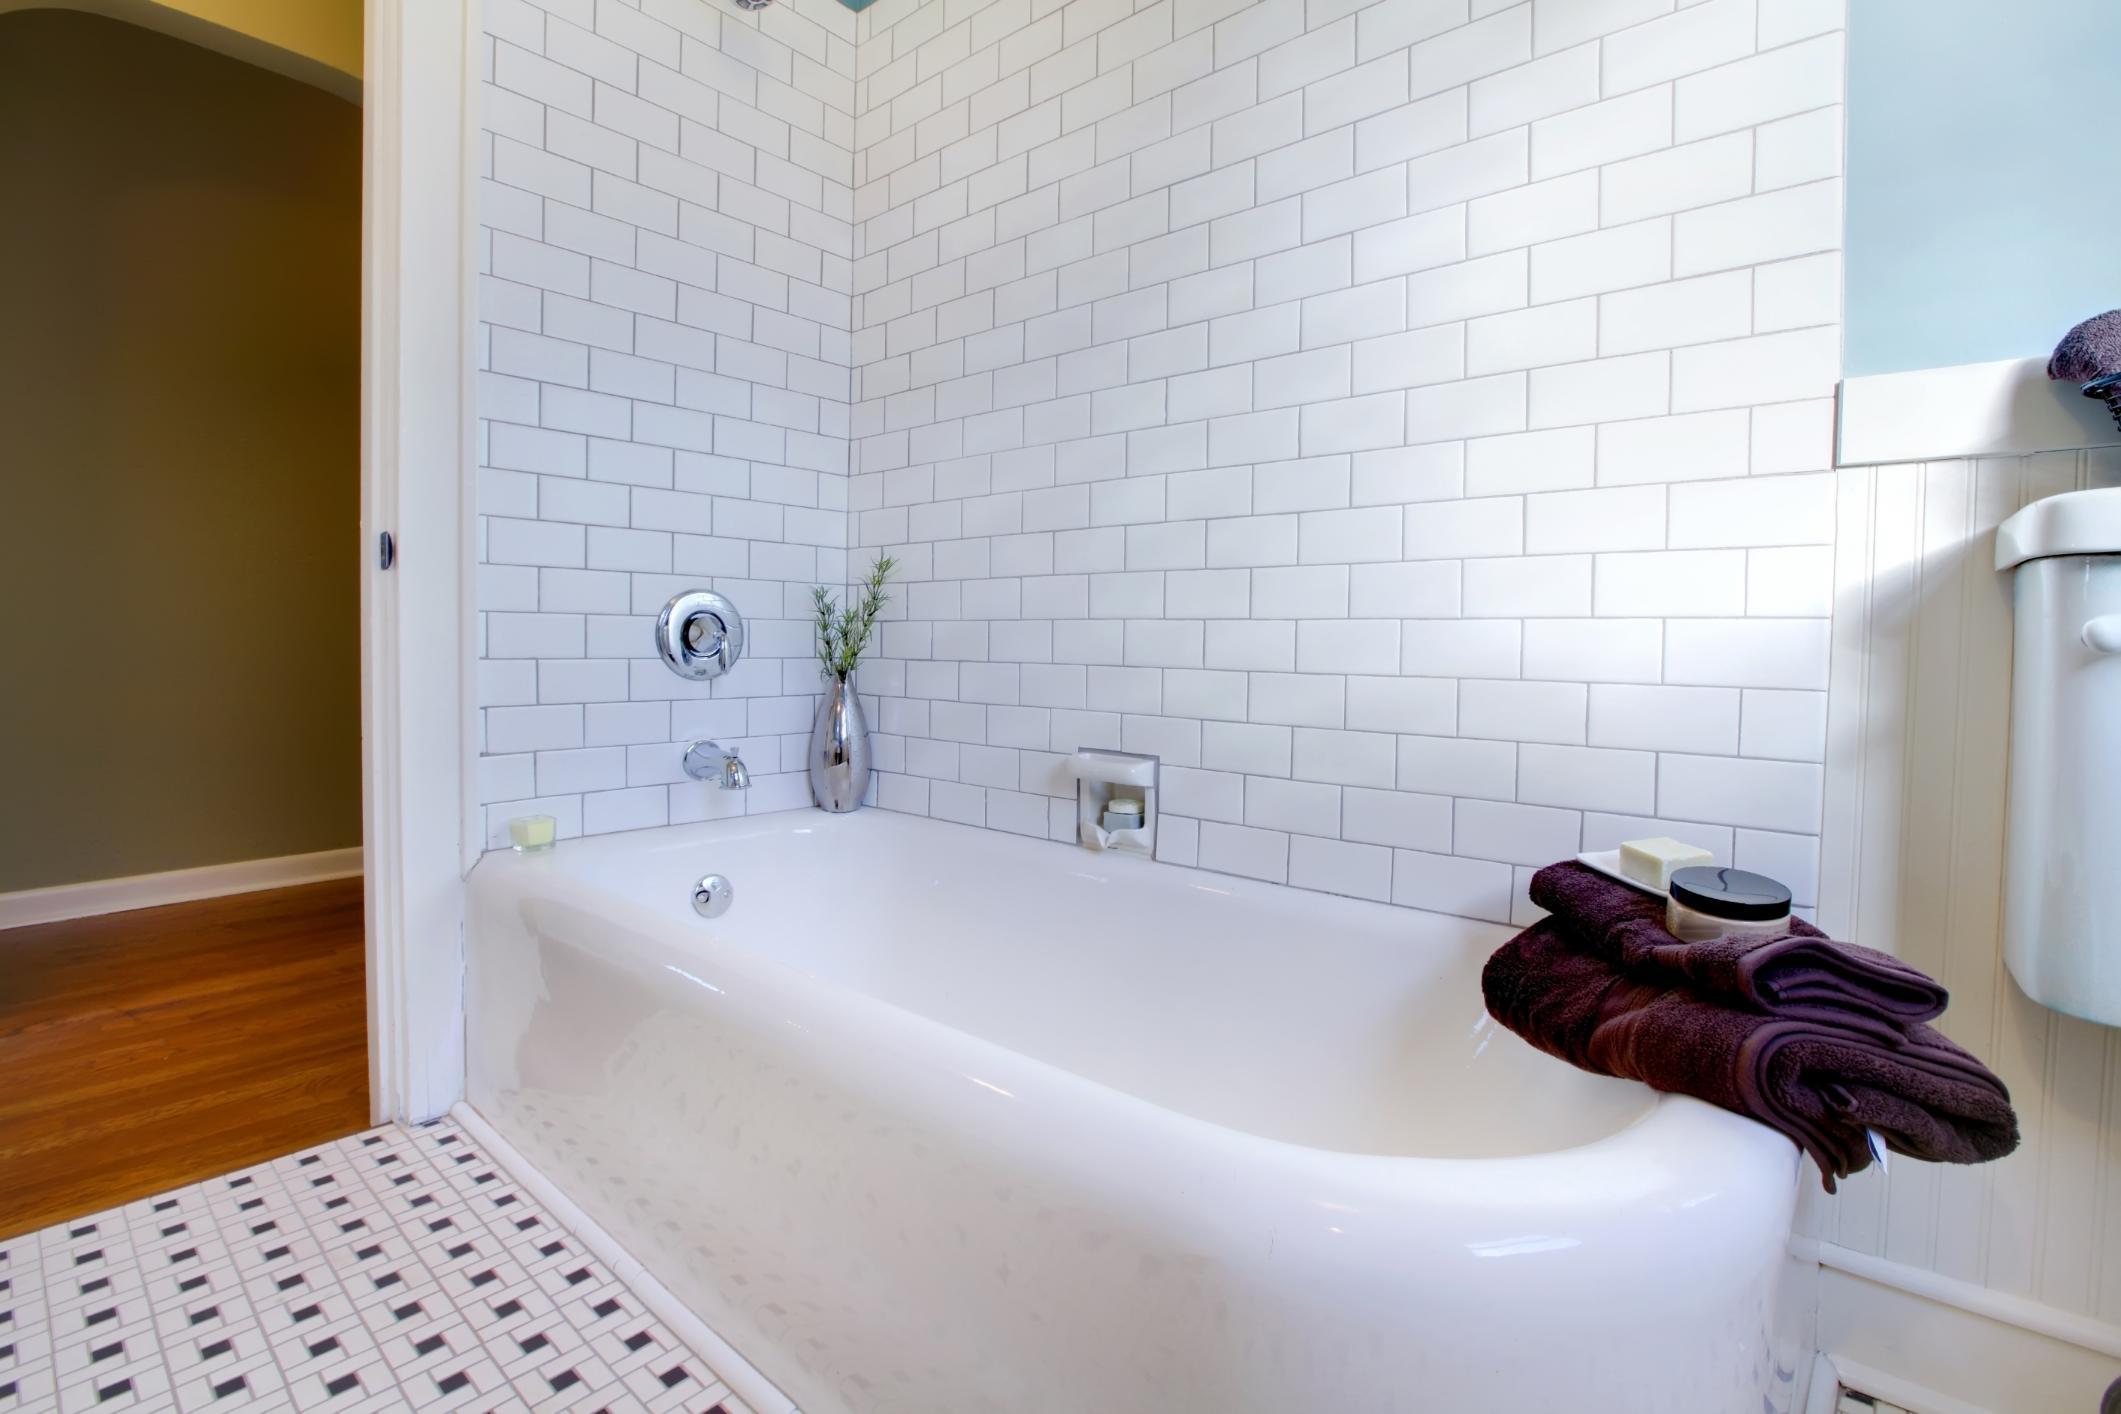 Tubs / Showers Service & Repair - Raleigh Plumbers | Golden Rule ...